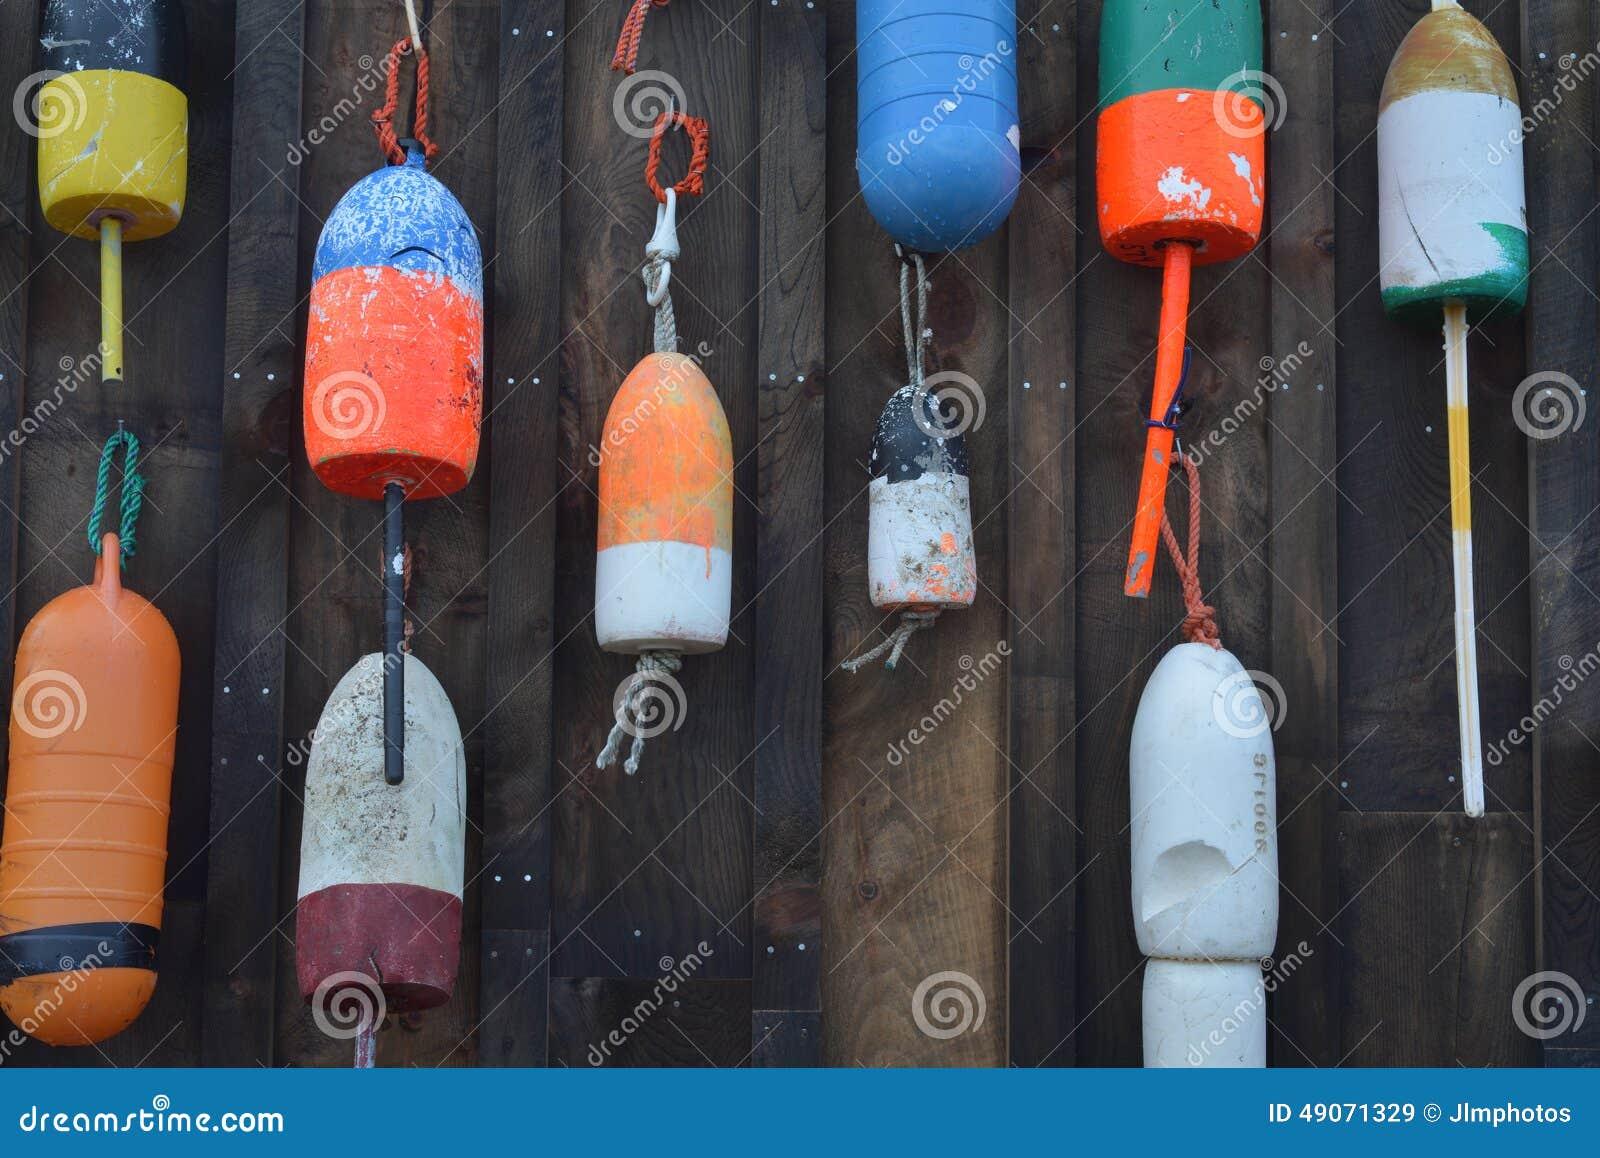 Rocznik i kolorowy homar unosimy się obwieszenie na starym homarze fi